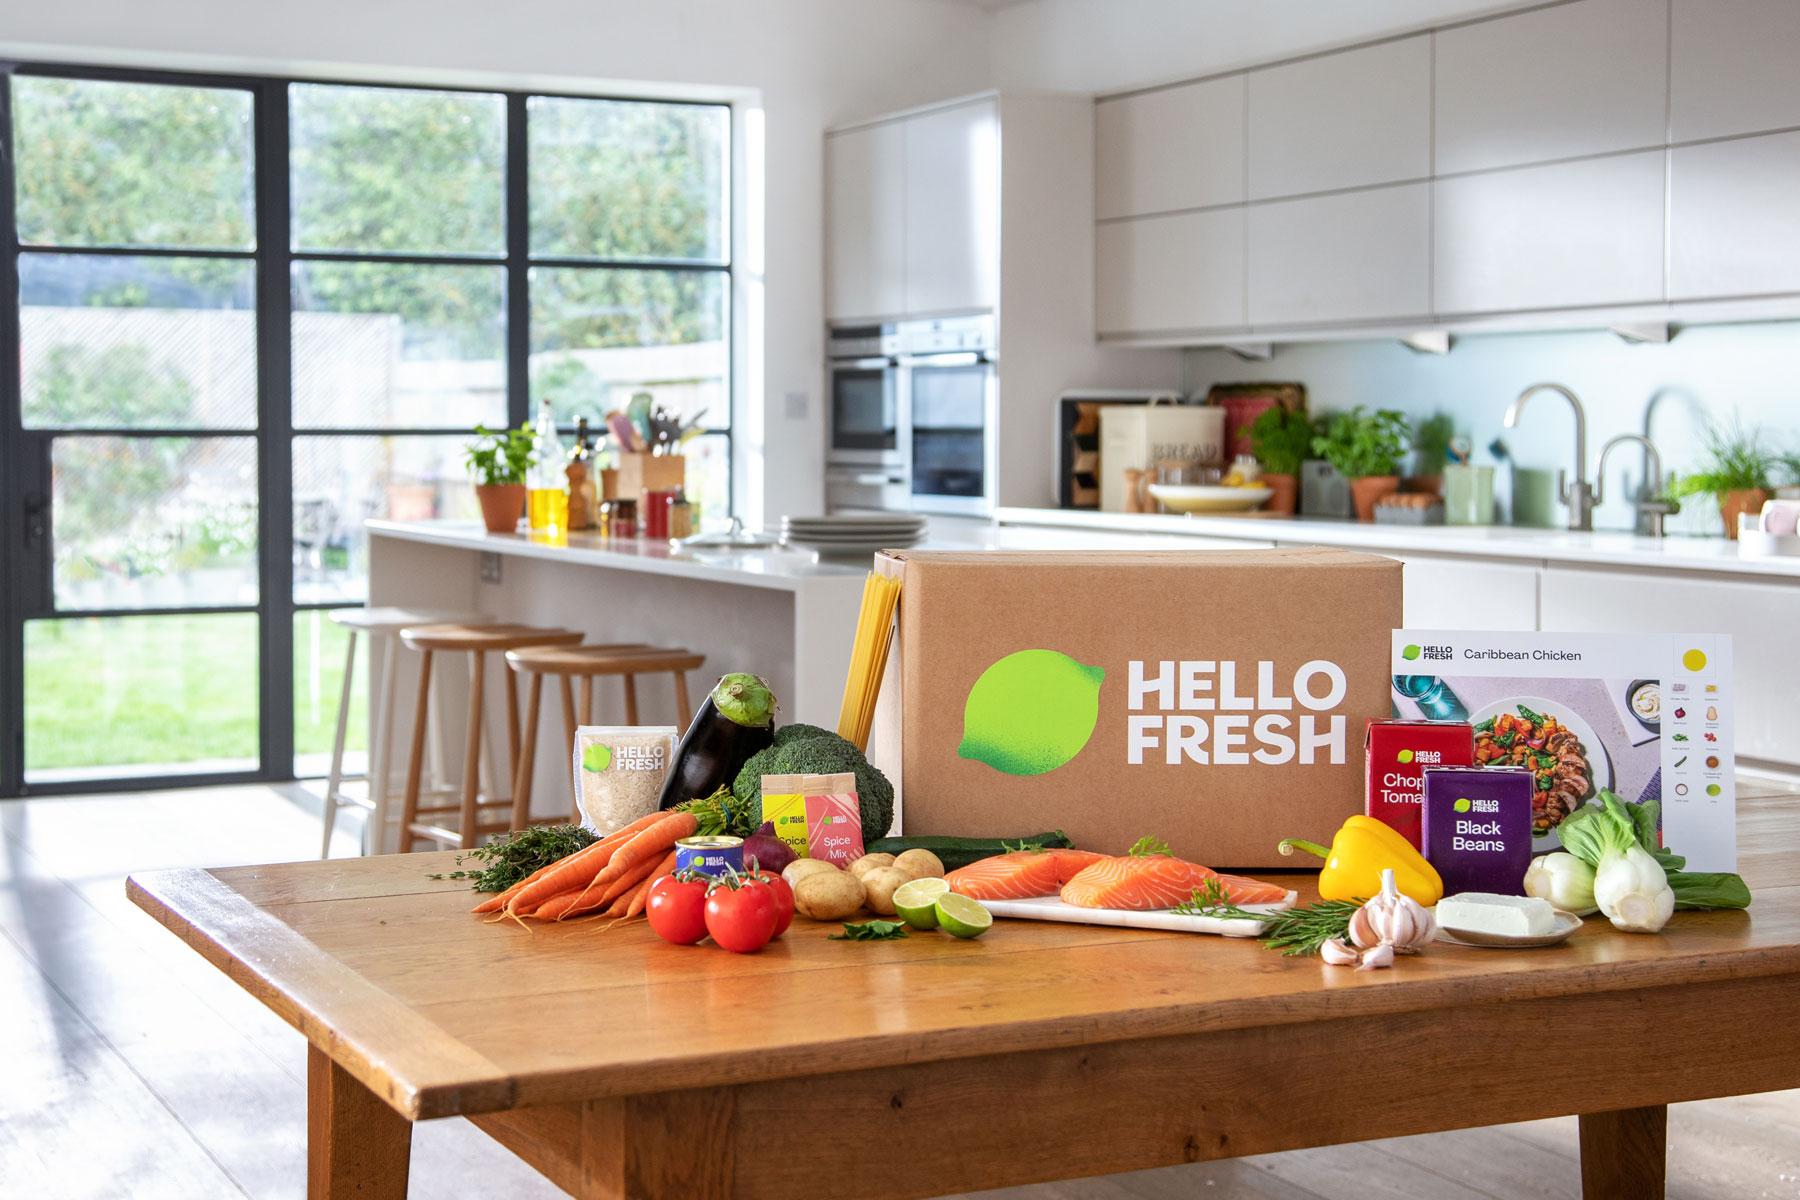 Hellofresh vägrar att uppge storlek på svinn